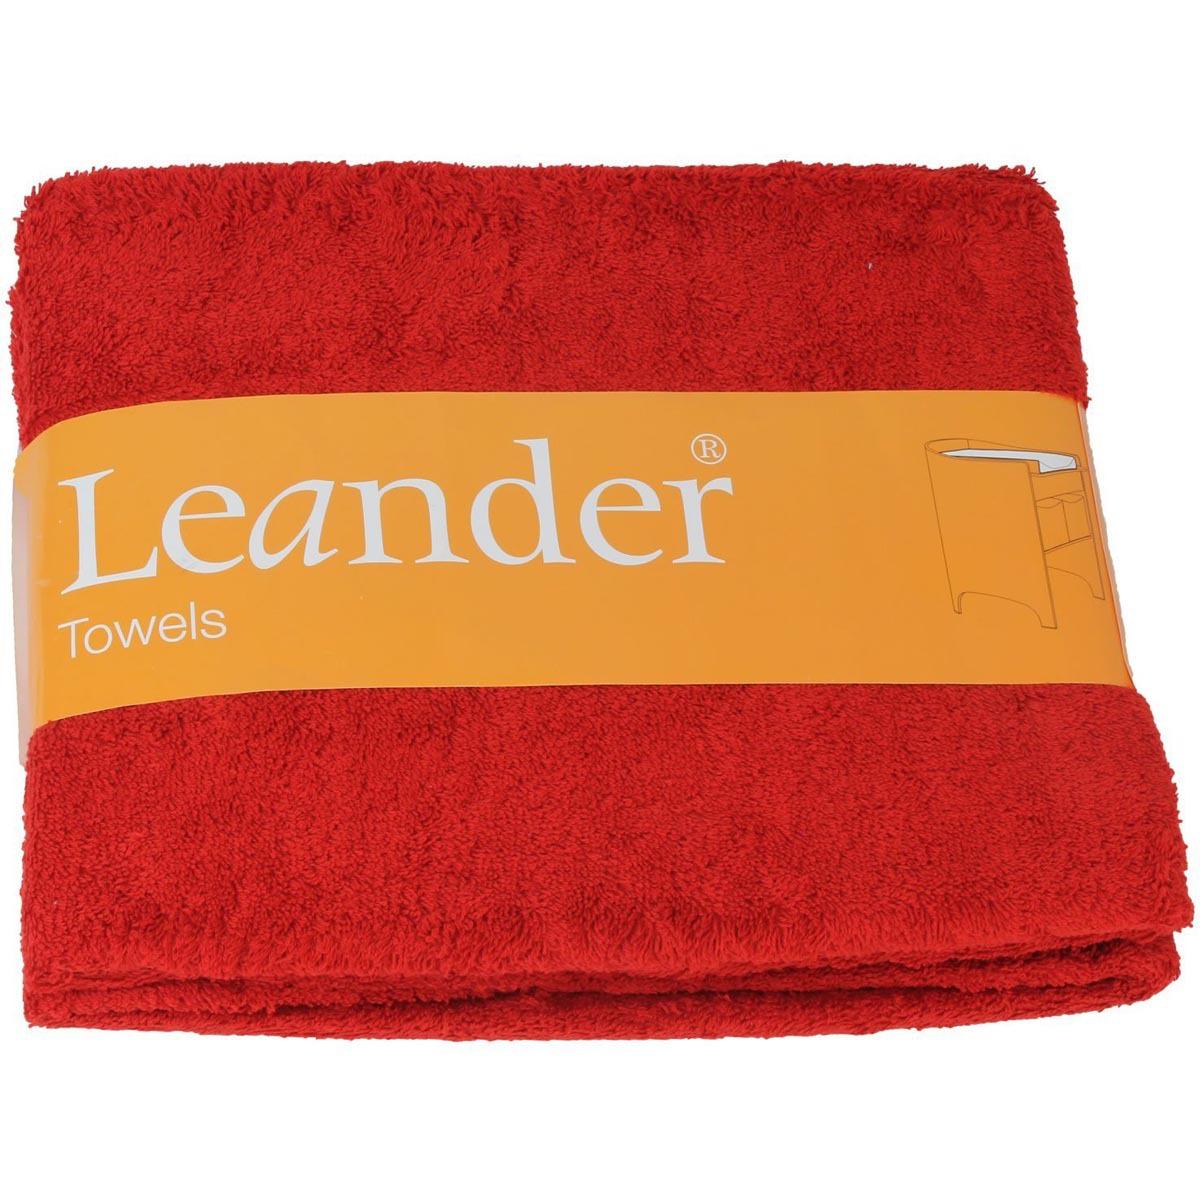 leander lot de deux serviettes rouge linge sortie de bain leander sur l 39 armoire de b b. Black Bedroom Furniture Sets. Home Design Ideas